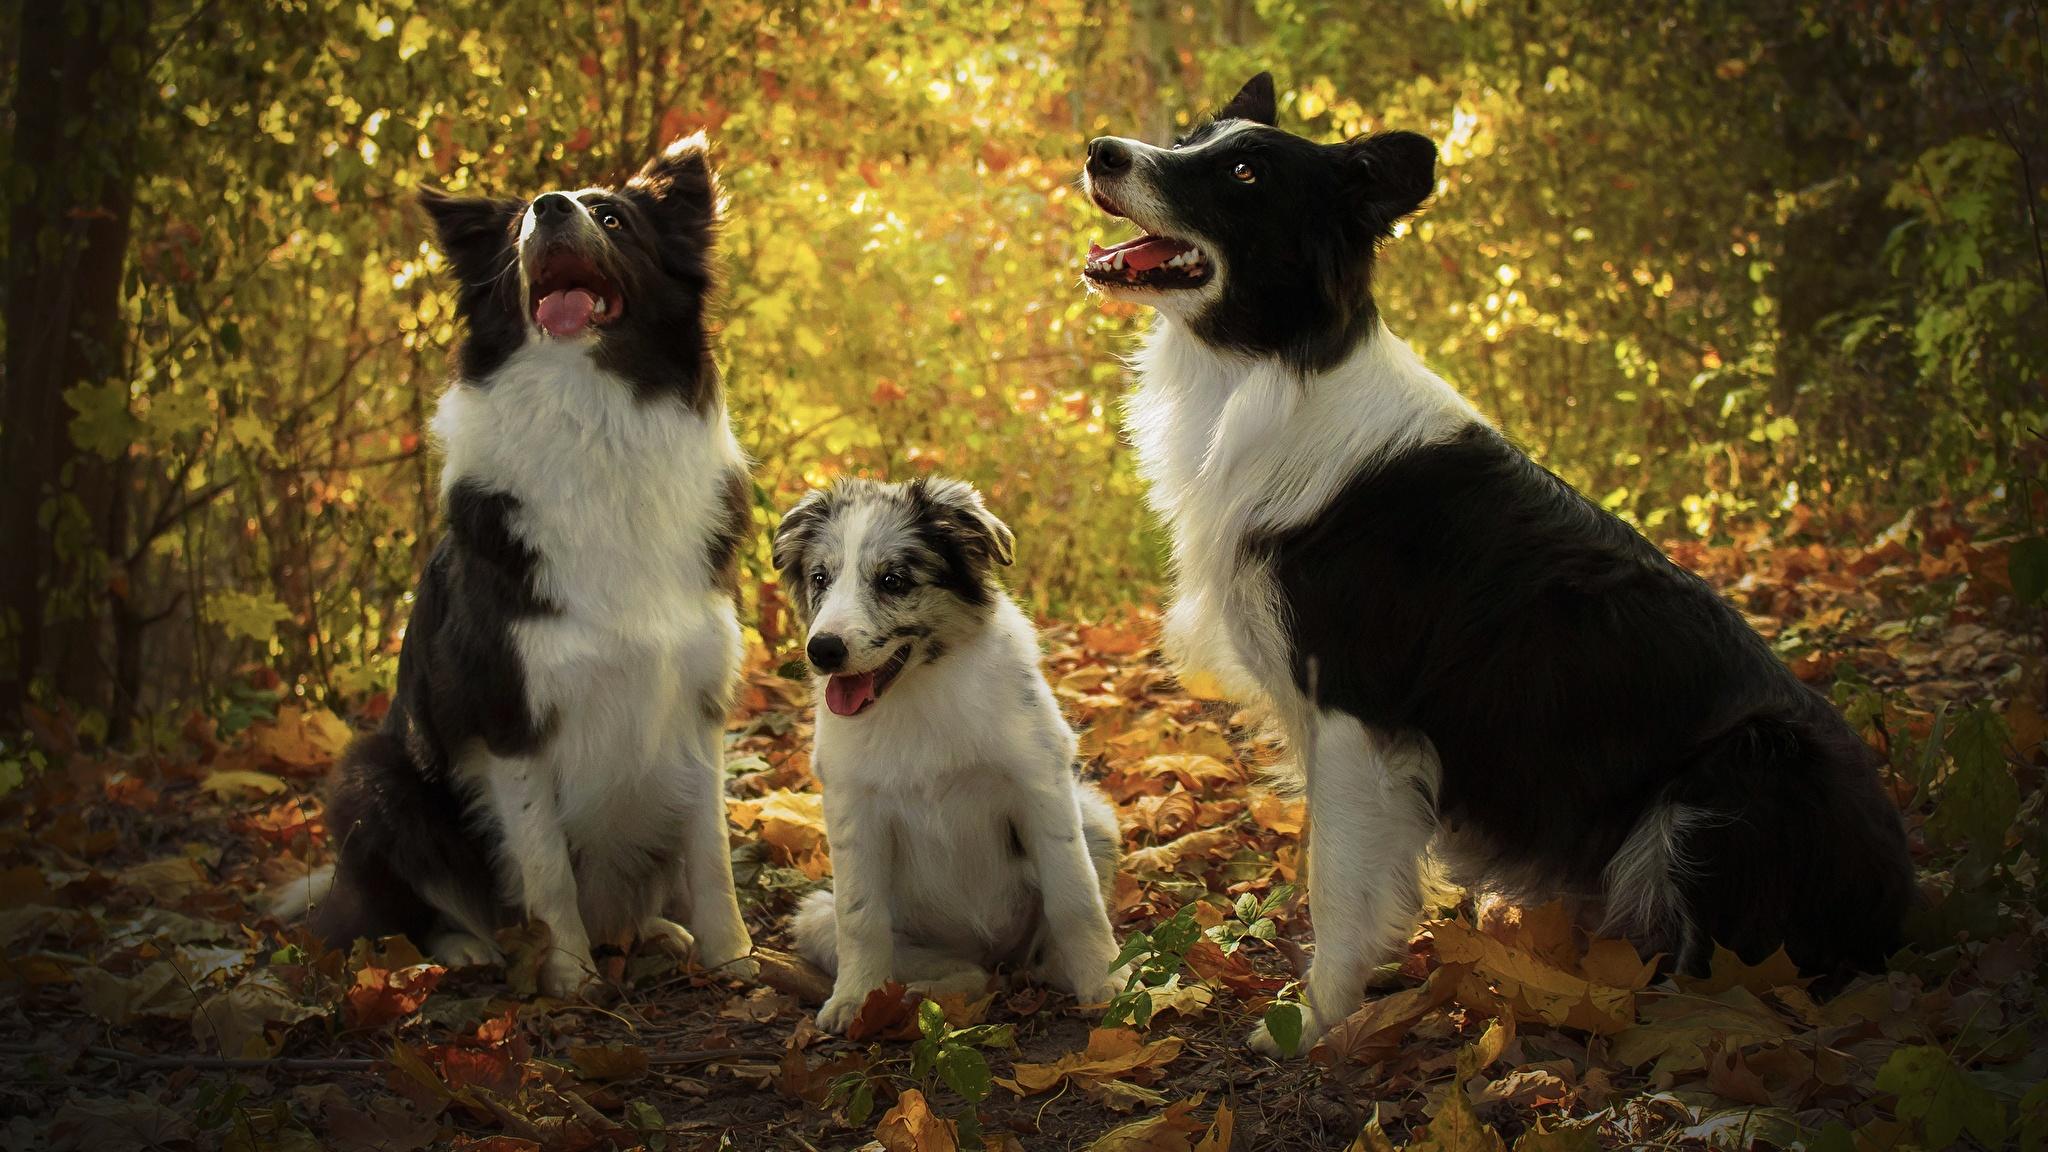 Фотографии Щенок Бордер-колли Собаки втроем Животные 2048x1152 Трое 3